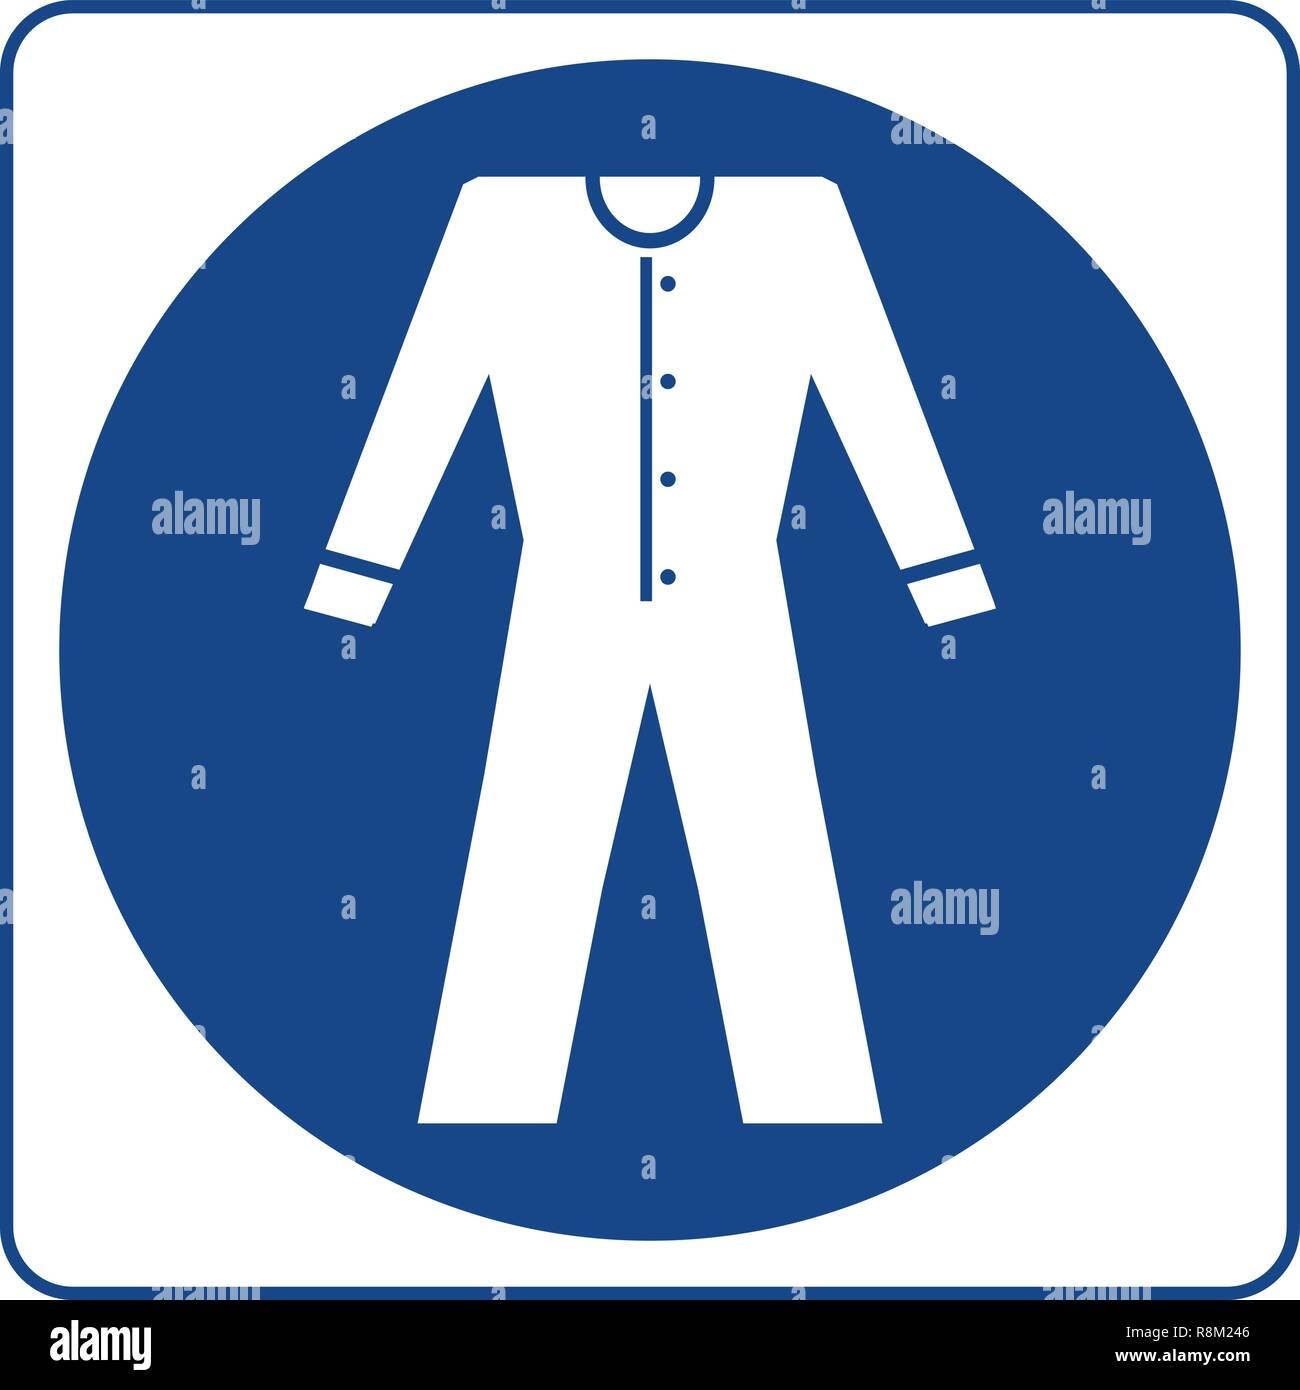 Obbligatorio firmare vettore - indossare indumenti ad elevata visibilità, workwear simbolo, etichetta, etichetta. Si devono indossare indumenti ad elevata visibilità in questa area Immagini Stock